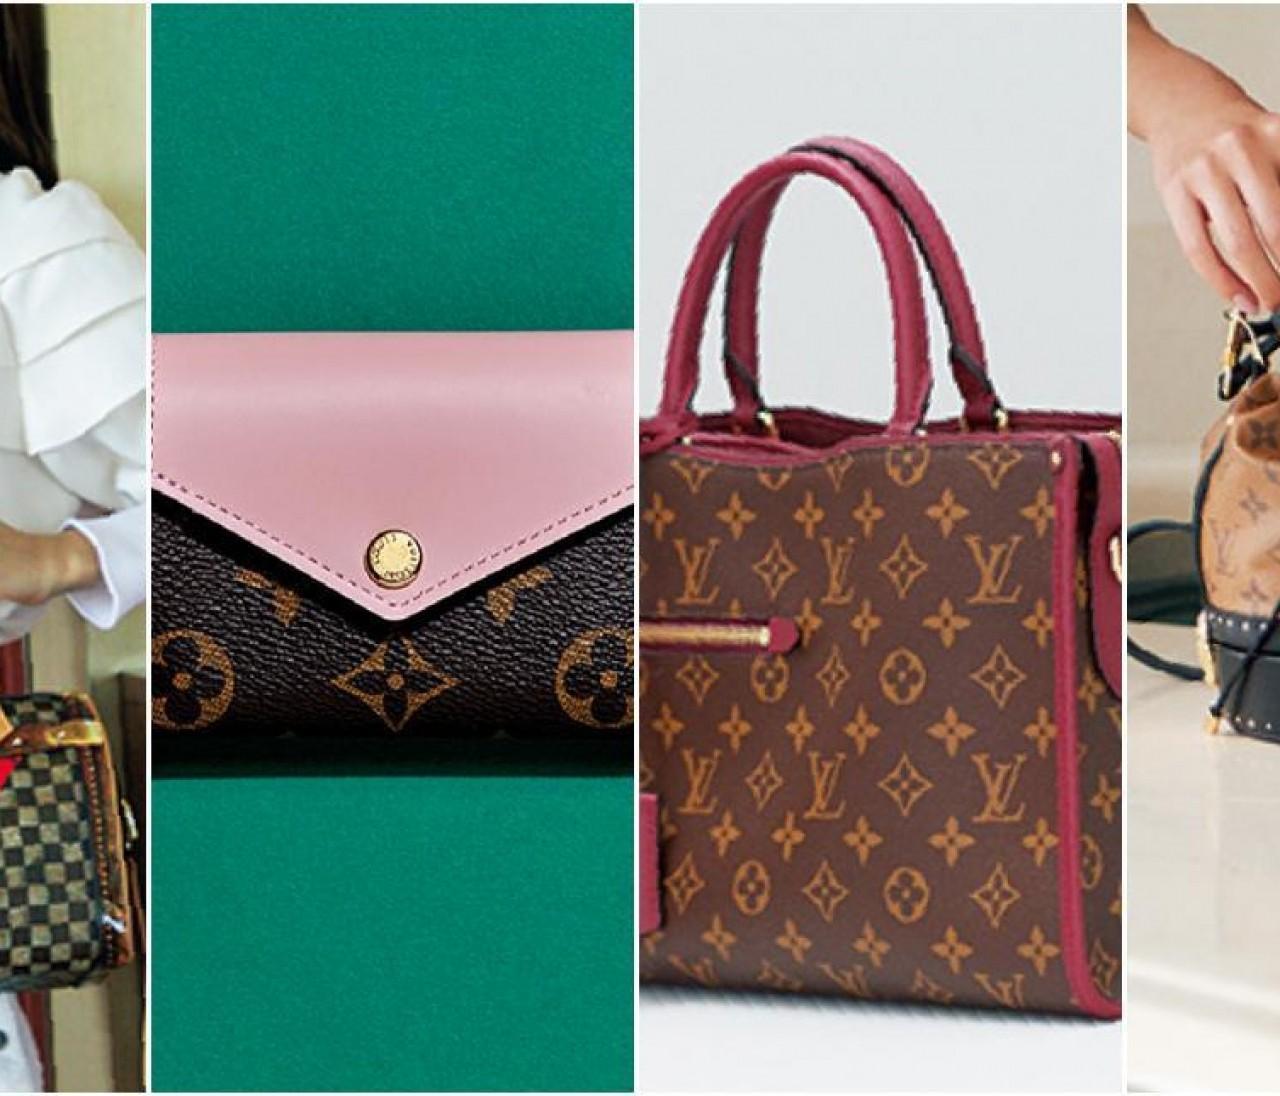 【ルイ・ヴィトン(LOUIS VUITTON)】人気のバッグ&小物を、がんばった自分へのご褒美に♡